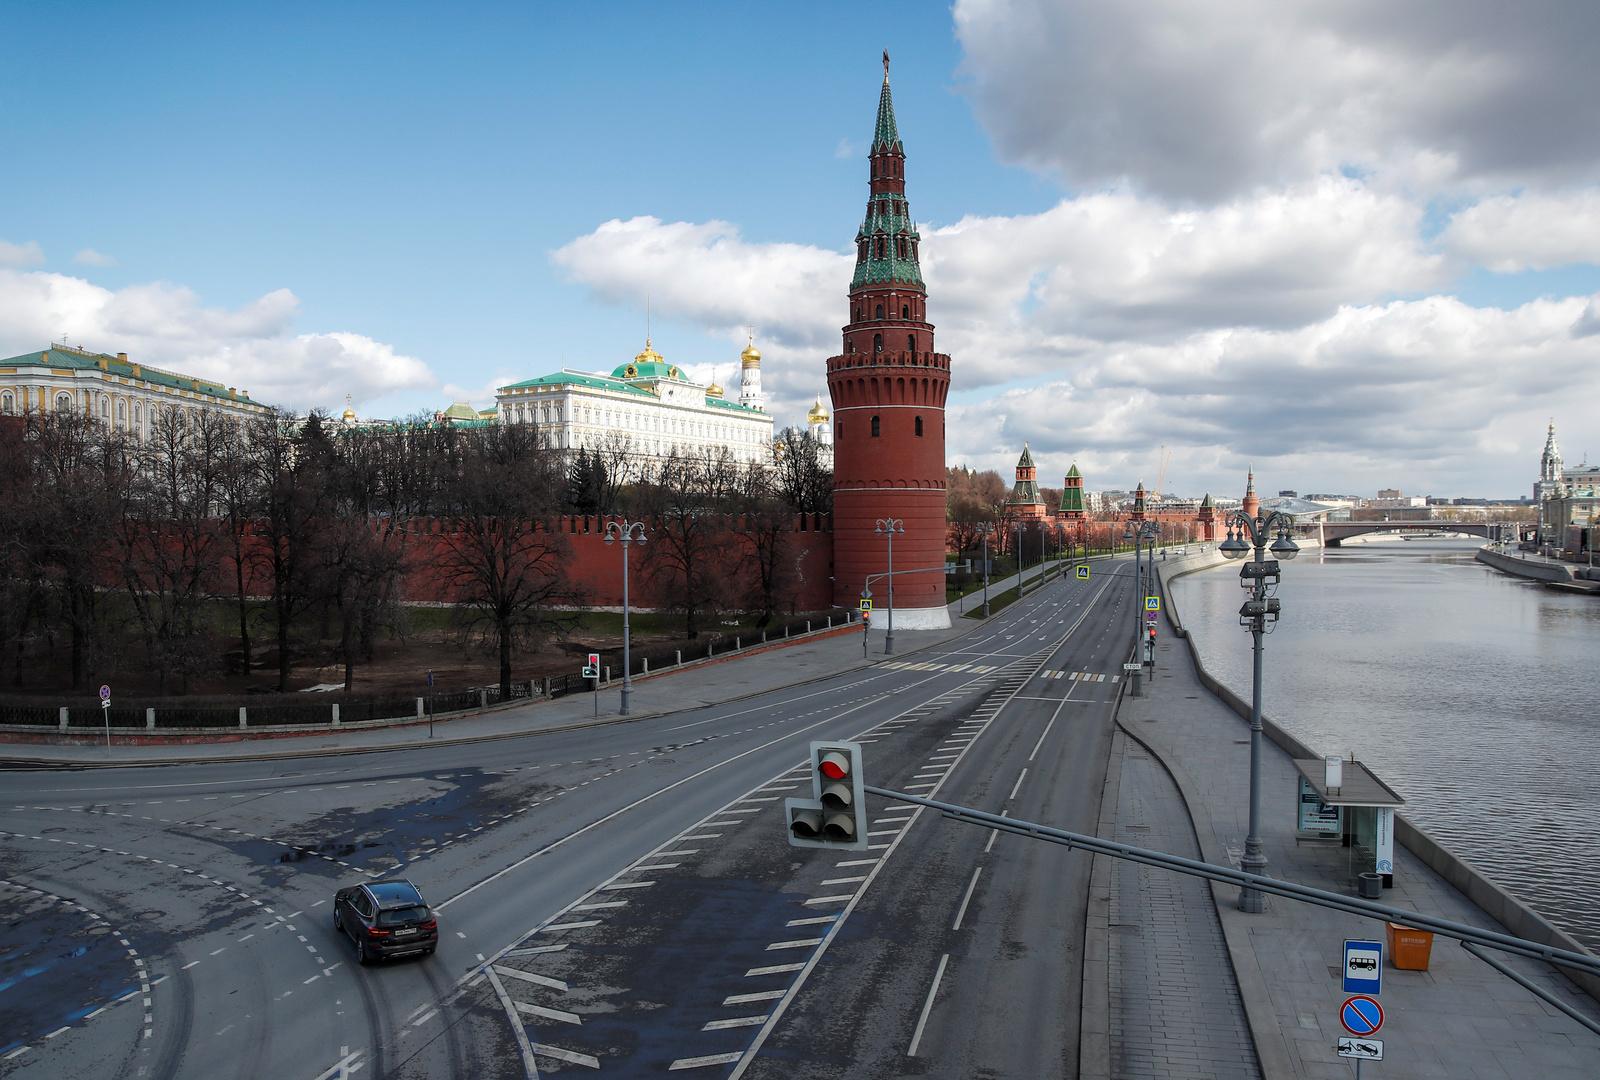 البنك الدولي يعطي تقييما لآفاق الاقتصاد الروسي